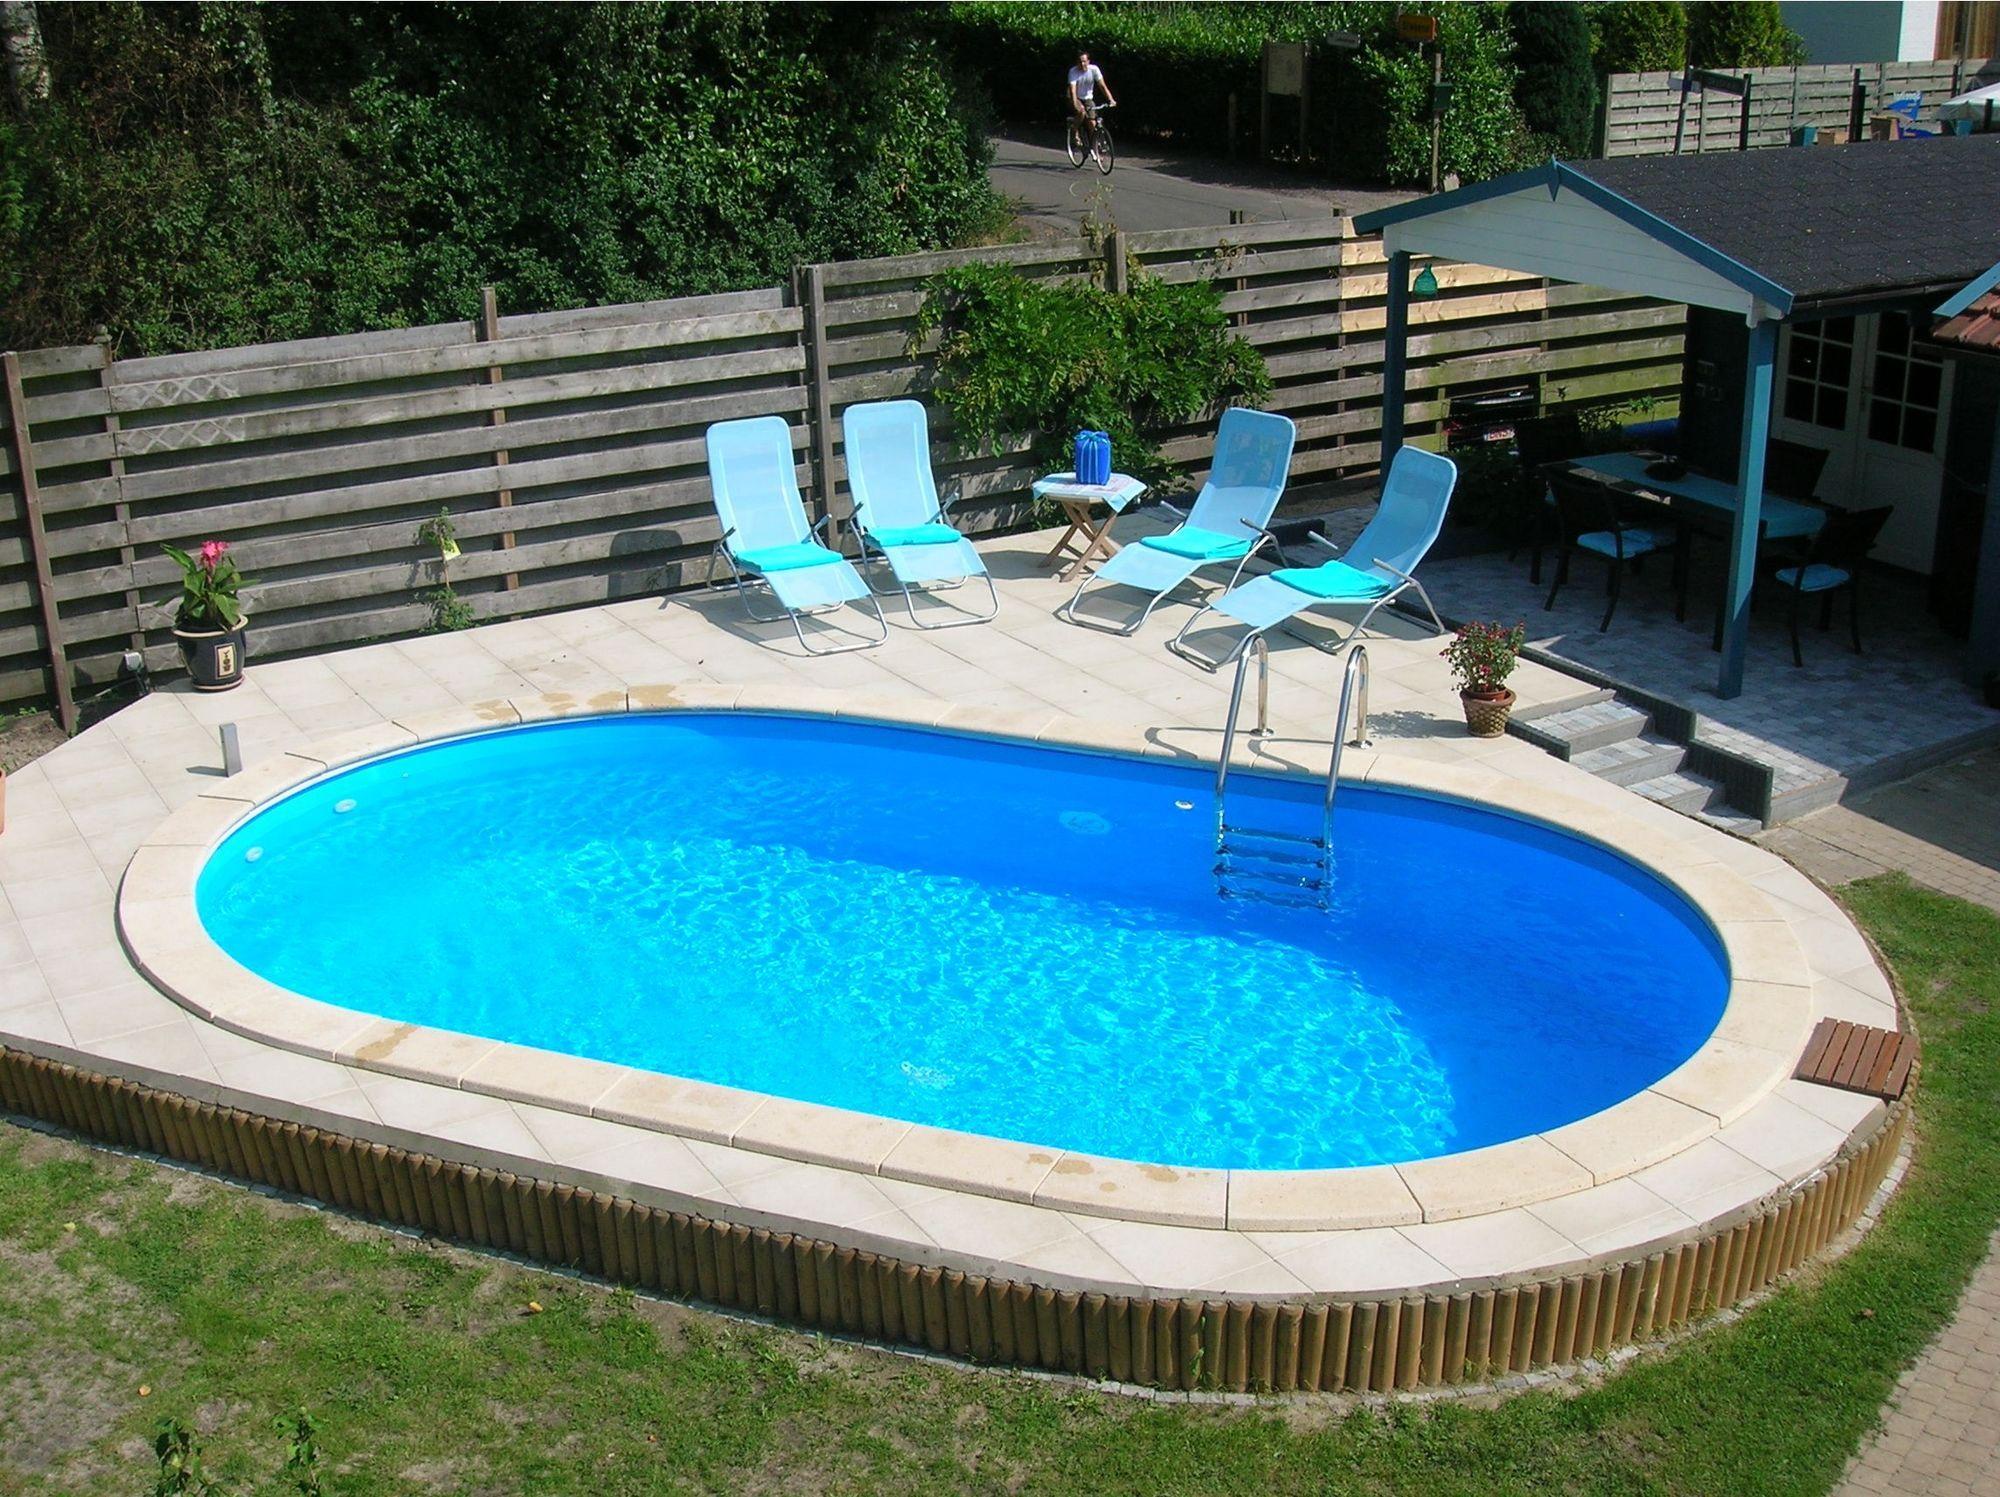 Afbeelding van Happy Pool Ovaal Metalen Zwembad 488 x 300 cm (hoogte 150cm)